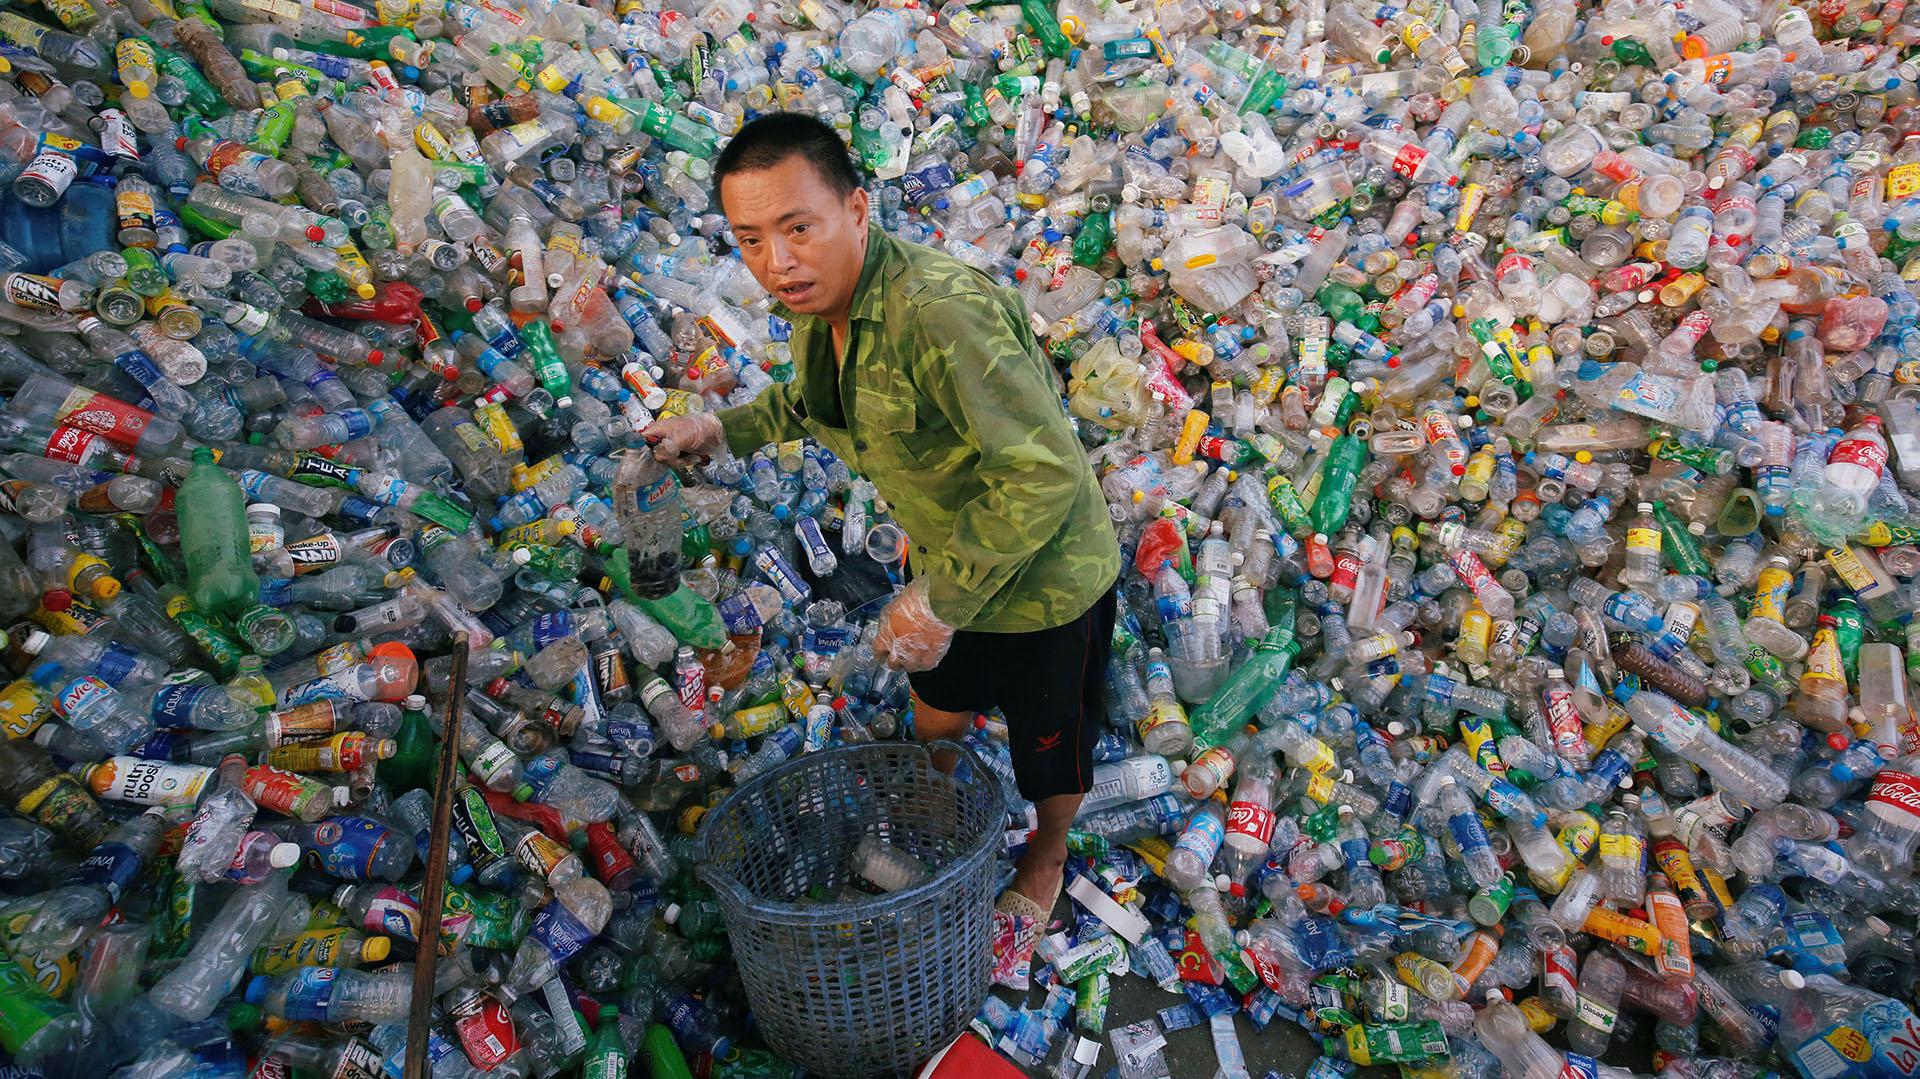 Un vietnamita recicla botellas de plástico en la ciudad deXa Cau, en las afueras de Hanoi, Vietnam (REUTERS/Kham)